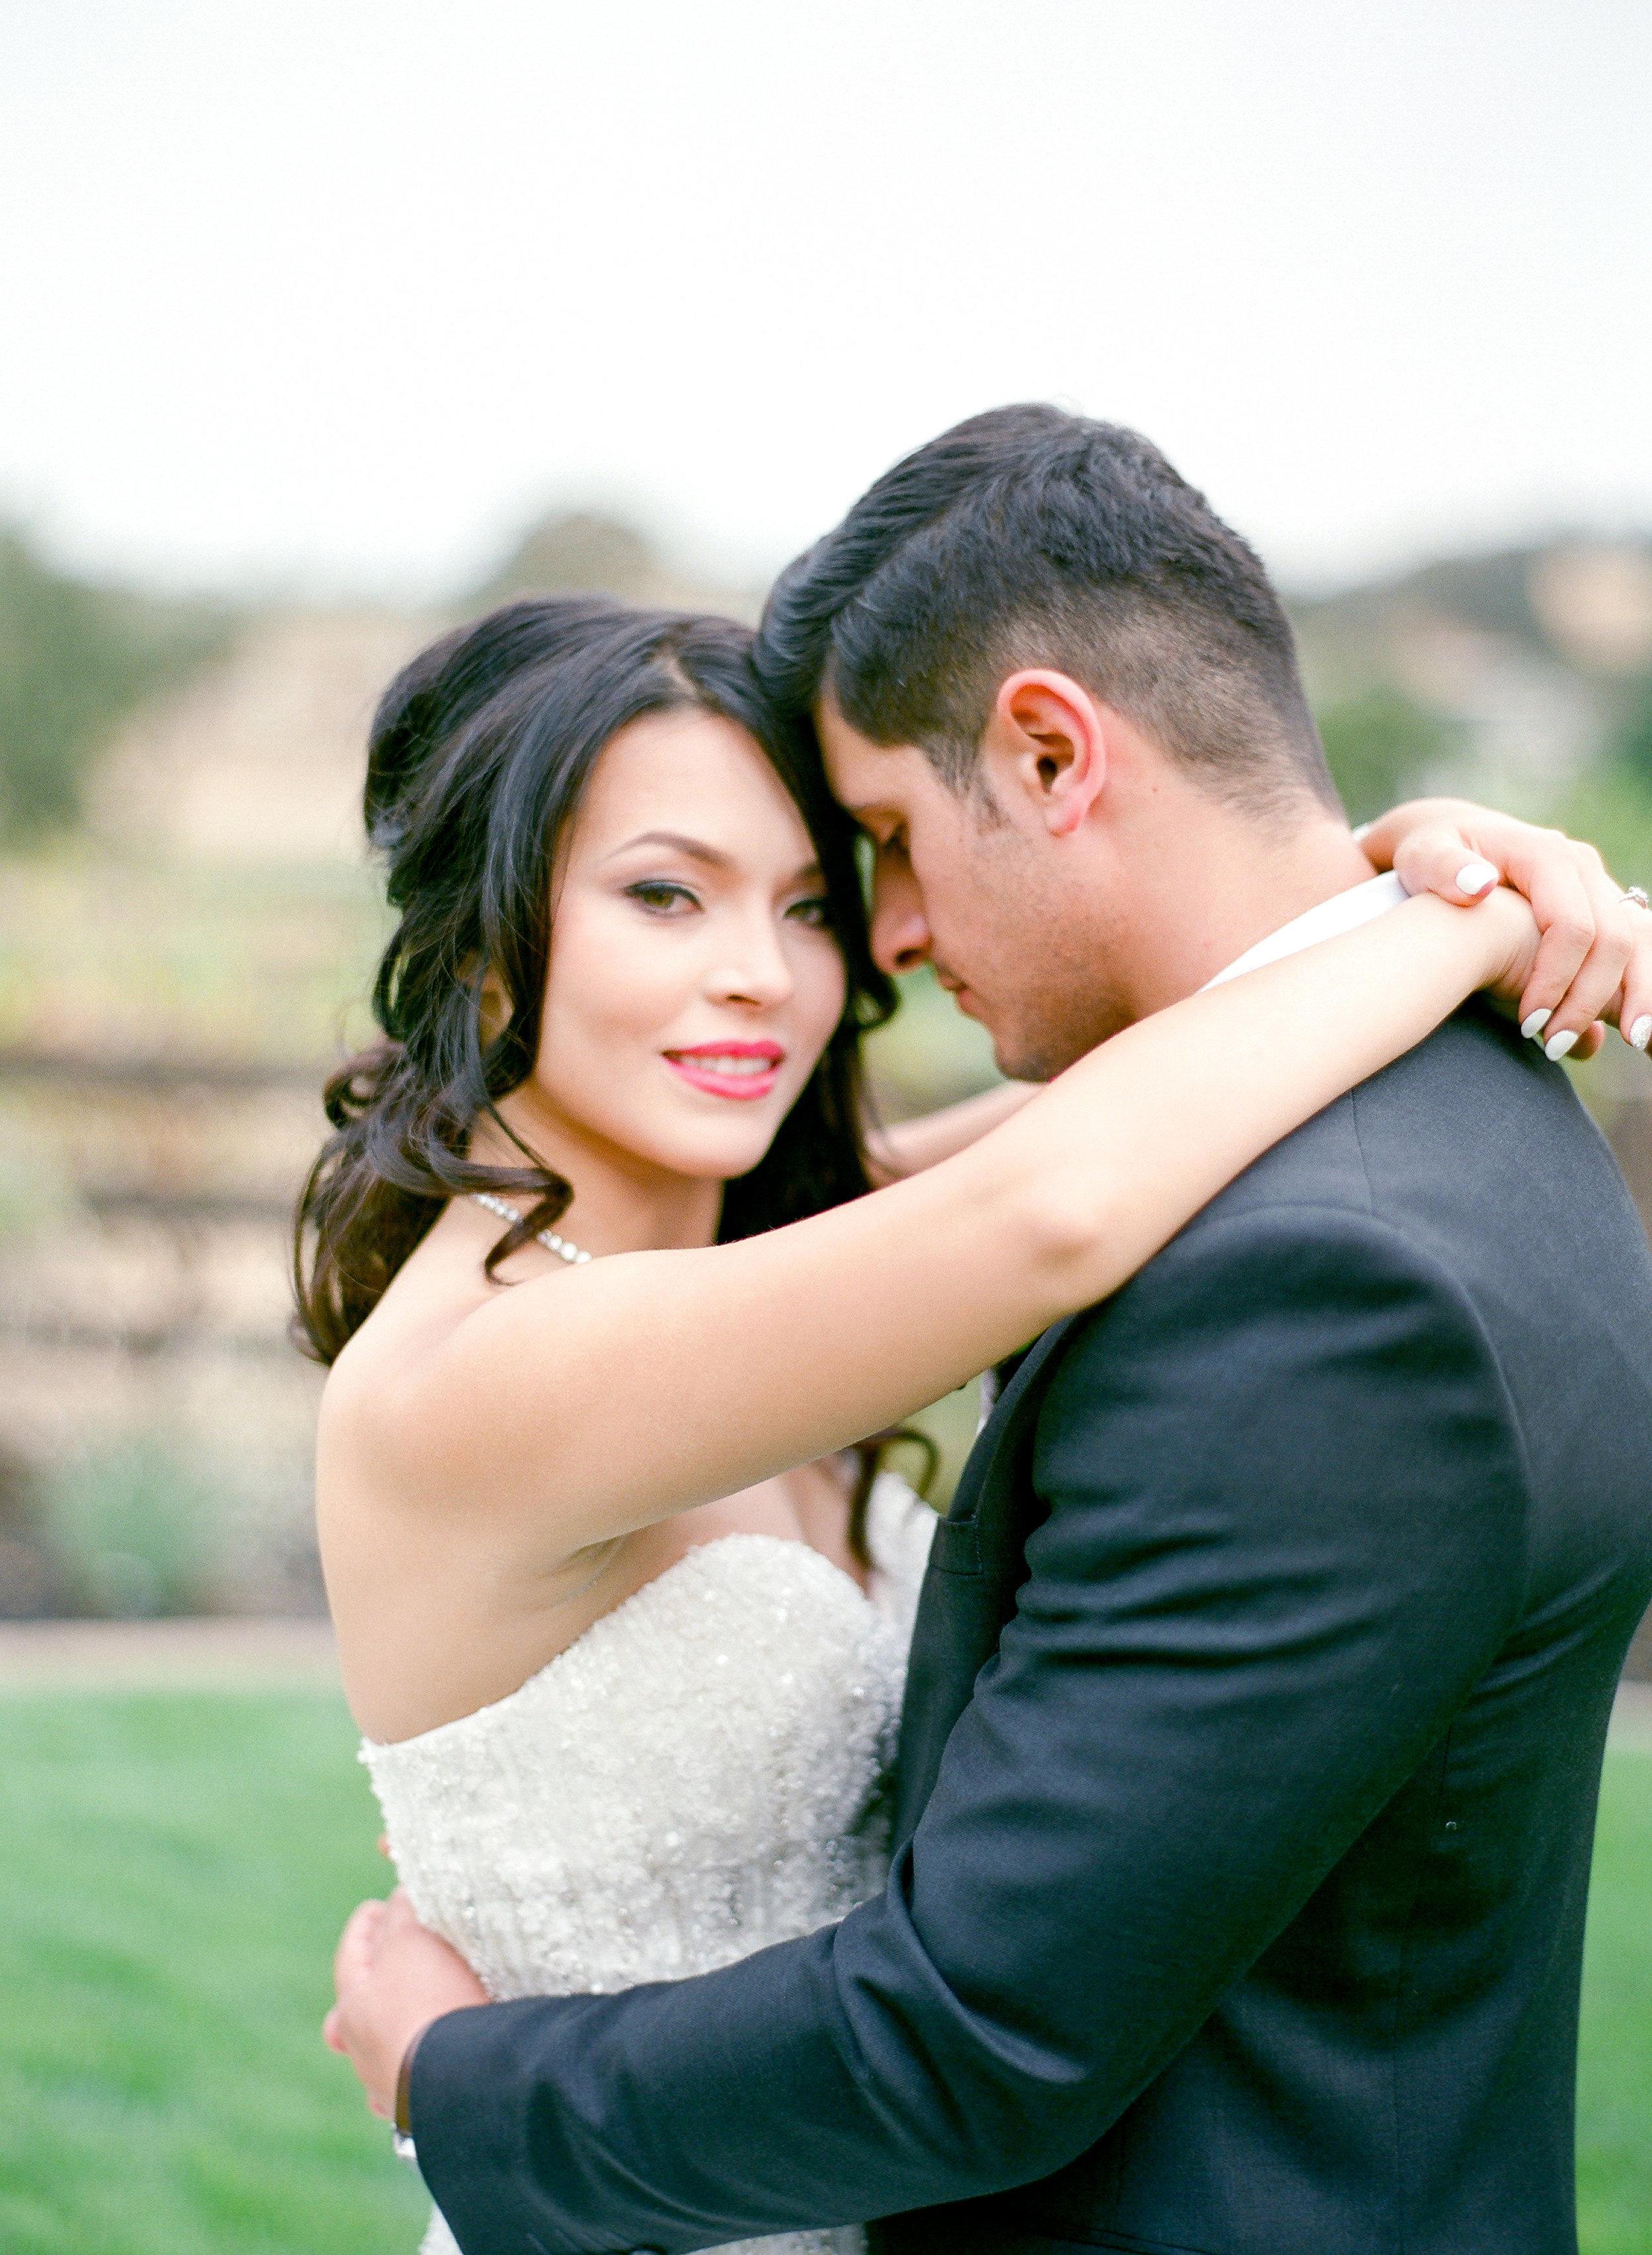 Amador_County_Wedding_Bride_Groom_Pose_Romantic_Rancho_Victoria_Vineyard_Northern_California.jpg